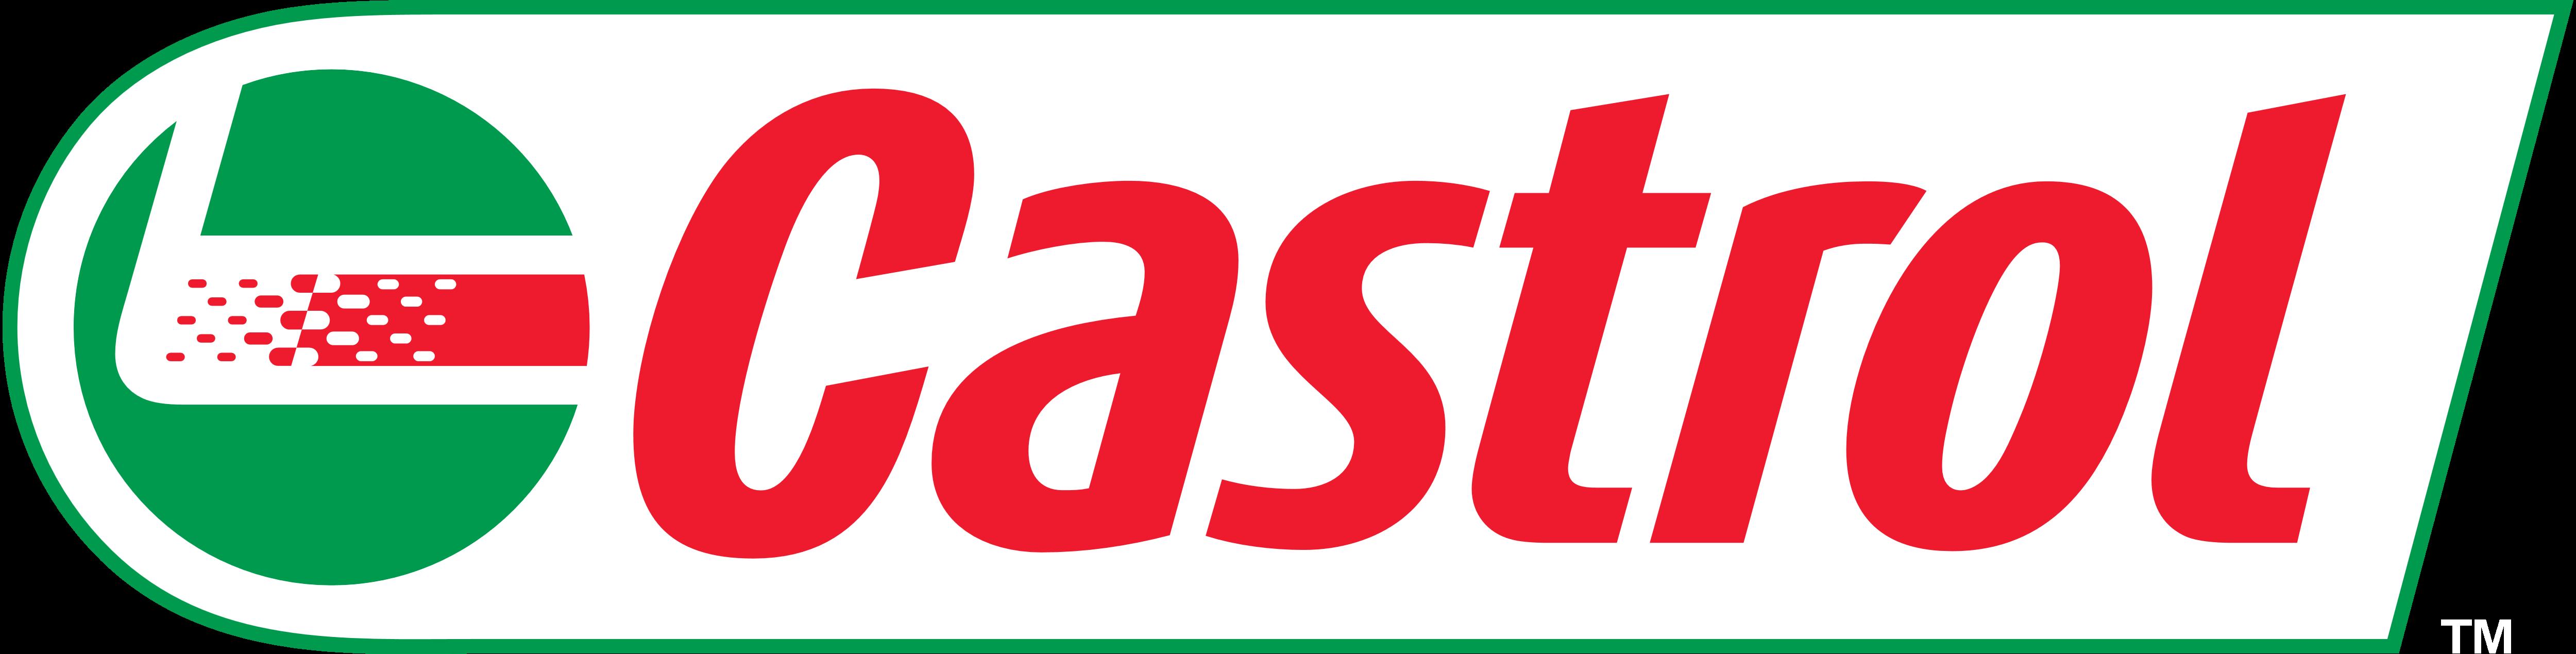 Bildergebnis für castrol logo